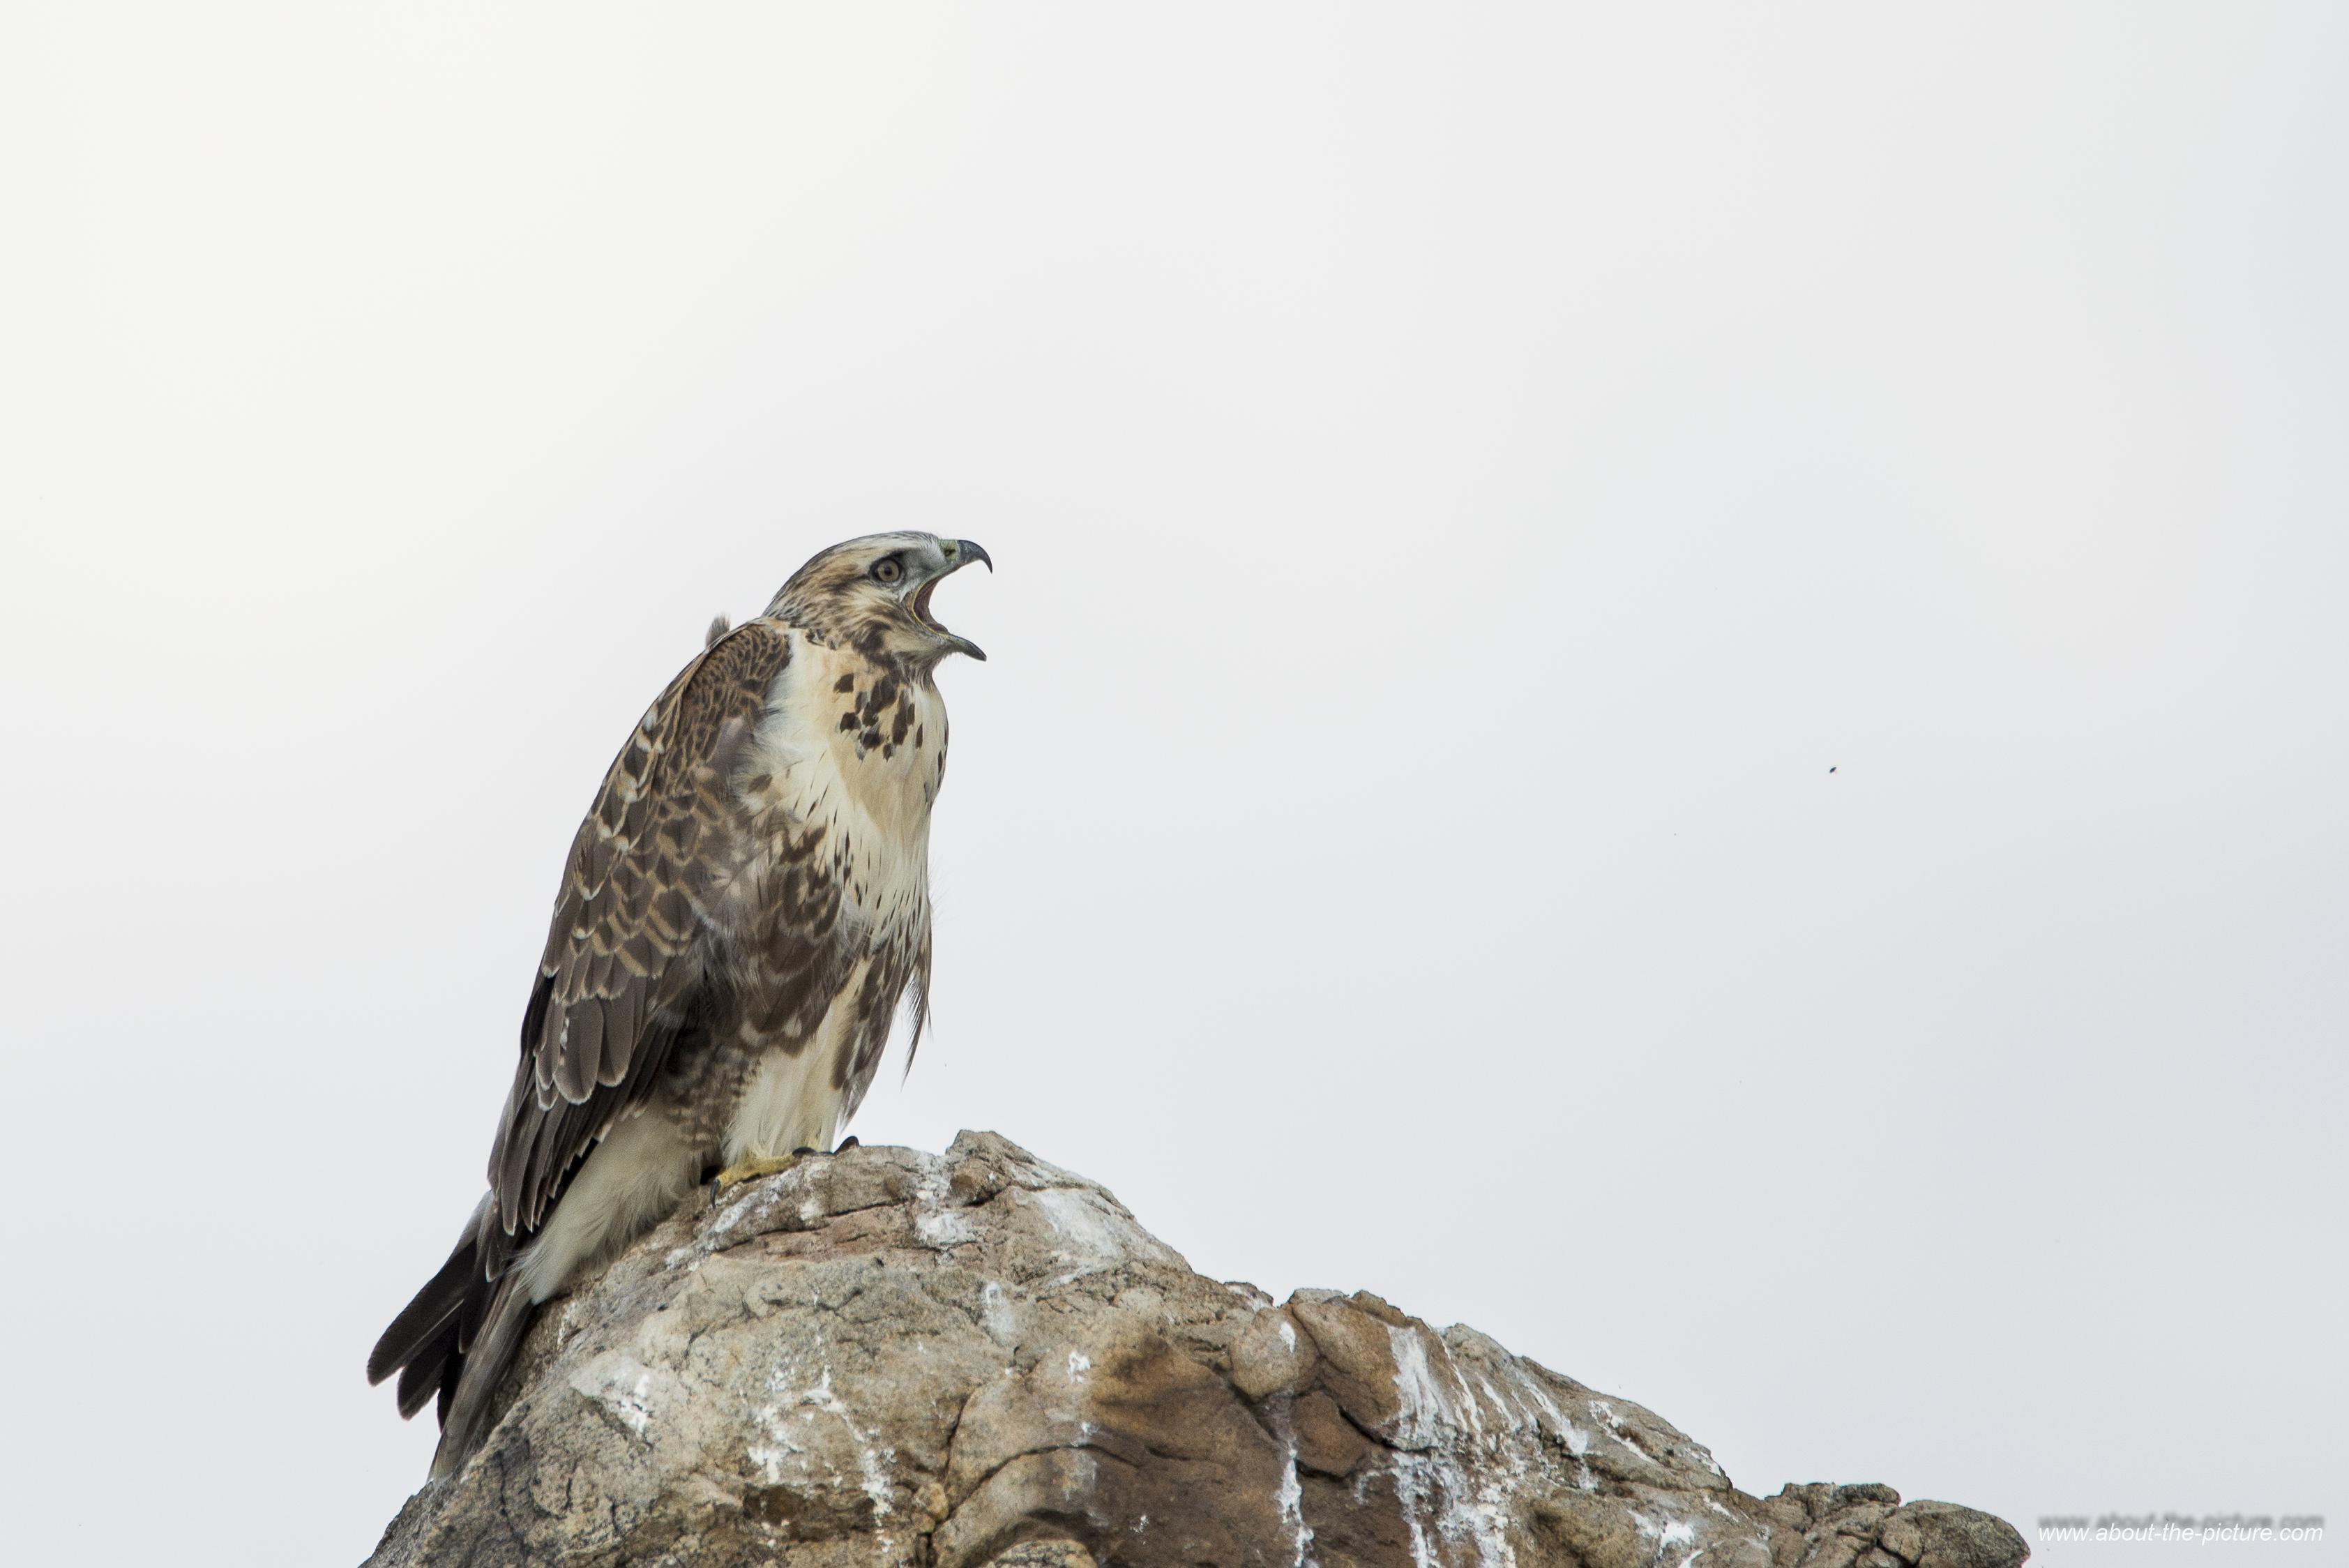 Upland buzzard